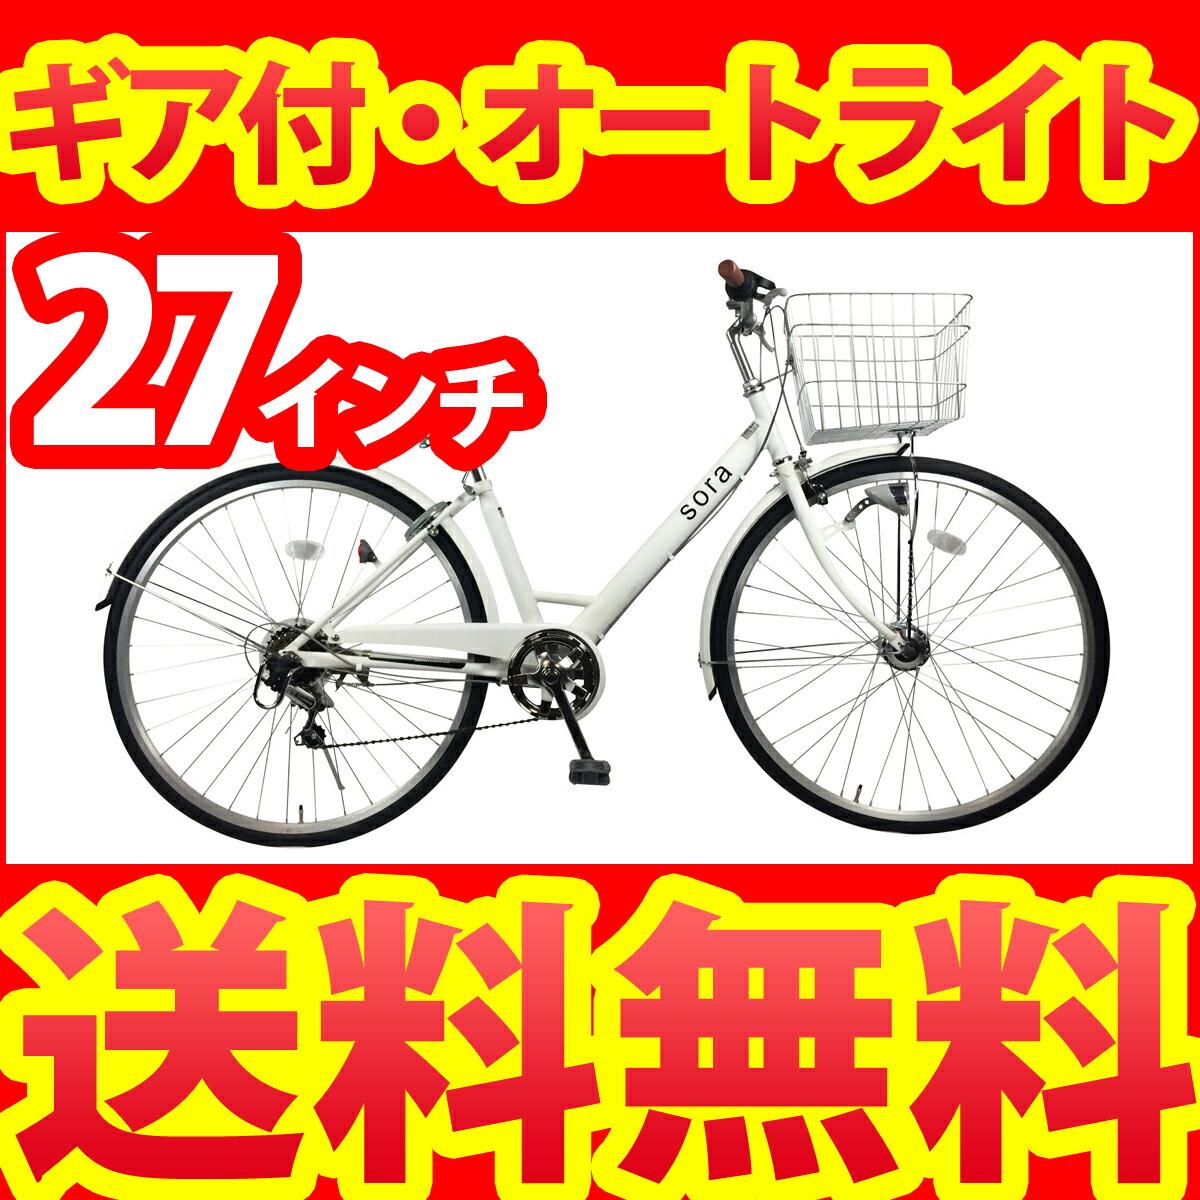 2台セット販売 自転車 sora ソラ シティサイクル ホワイト 白 通勤 通学に最適なママチャリ 27インチ シティ車 外装6段ギア 自転車 オートライト デザインVフレーム自転車なママチャリ 激安 格安